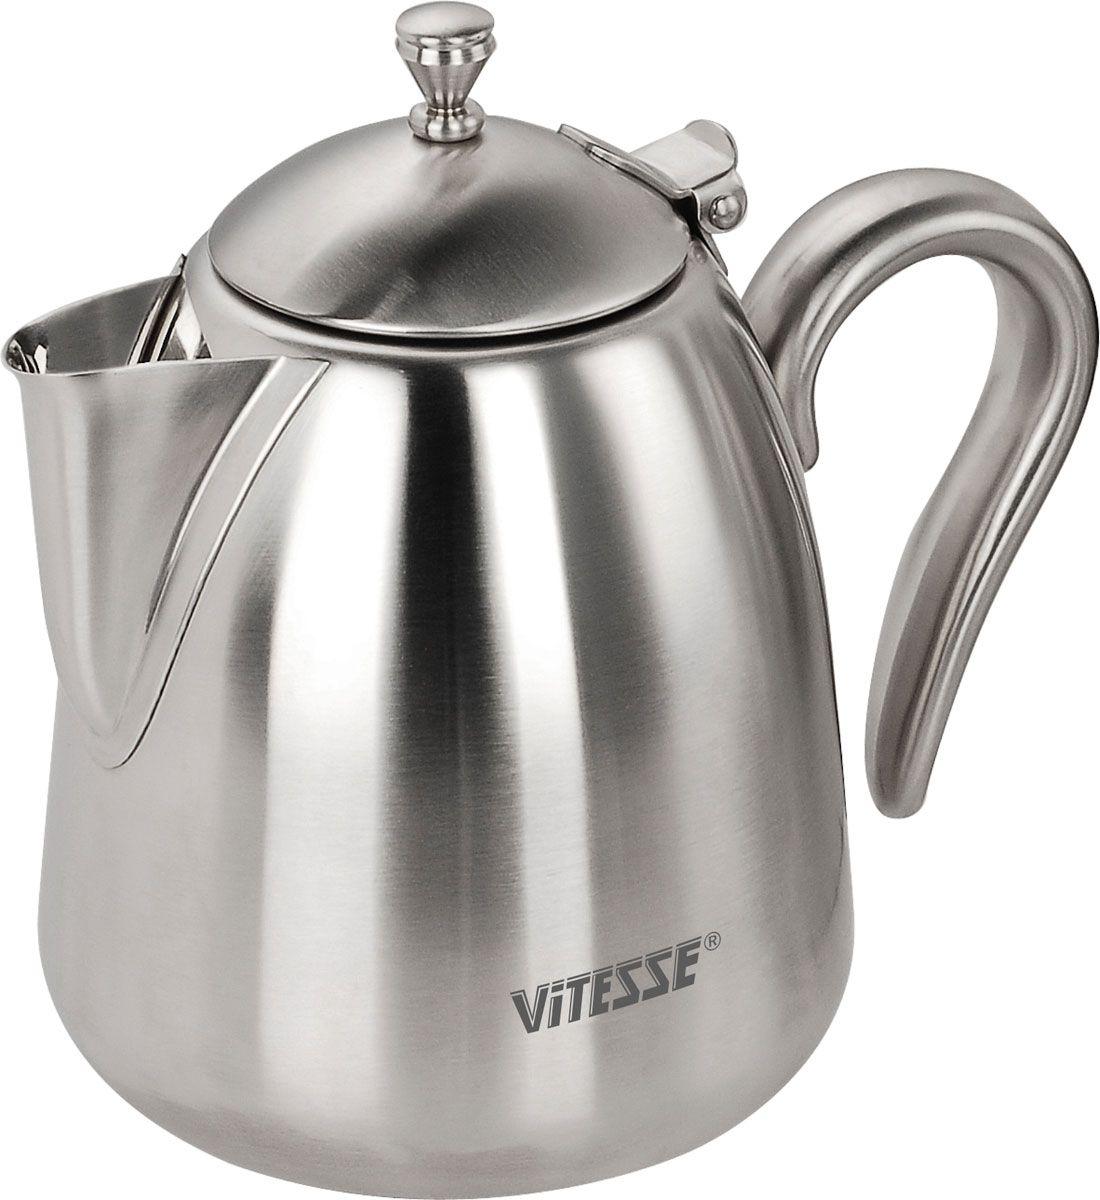 Чайник заварочный Vitesse Bryttany, с ситечком, 1 л54 009312Заварочный чайник Vitesse Bryttany, выполненный из высококачественной нержавеющей стали 18/10 с зеркальной полировкой, предоставит вам все необходимые возможности для успешного заваривания чая. Чай в таком чайнике дольше остается горячим, а полезные и ароматические вещества полностью сохраняются в напитке. Чайник имеет вынимающийся фильтр-ситечко, что делает его чрезвычайно удобным в использовании.Эстетичный и функциональный, с эксклюзивным дизайном, чайник будет оригинально смотреться в любом интерьере. Чайник пригоден для мытья в посудомоечной машине. Характеристики:Материал:нержавеющая сталь. Объем чайника:1,0 л. Высота чайника (без учета крышки):13,5 см. Диаметр основания чайника:11 см. Размер упаковки:17,5 см х 15,5 см х 13,5 см.Артикул:VS-1896. Кухонная посуда марки Vitesseиз нержавеющей стали 18/10 предоставит Вам все необходимое для получения удовольствия от приготовления пищи и принесет радость от его результатов. Посуда Vitesse обладает выдающимися функциональными свойствами. Легкие в уходе кастрюли и сковородки имеют плотно закрывающиеся крышки, которые дают возможность готовить с малым количеством воды и экономией энергии, и идеально подходят для всех видов плит: газовых, электрических, стеклокерамических и индукционных. Конструкция дна посуды гарантирует быстрое поглощение тепла, его равномерное распределение и сохранение. Великолепно отполированная поверхность, а также многочисленные конструктивные новшества, заложенные во все изделия Vitesse, позволит Вам открыть новые горизонты приготовления уже знакомых блюд. Для производства посуды Vitesseиспользуются только высококачественные материалы, которые соответствуют международным стандартам.